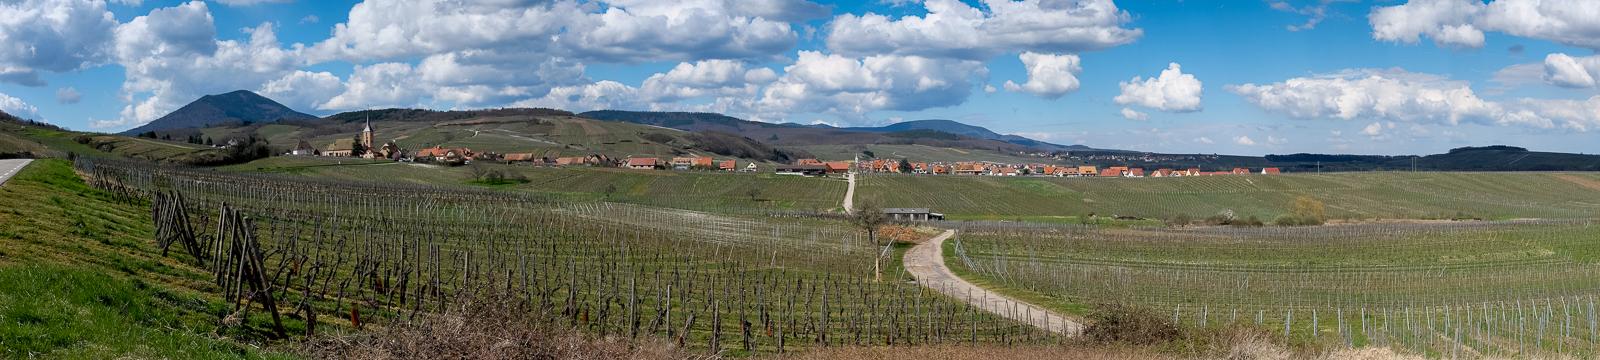 Dag02-Alsace-045-DSCF1324